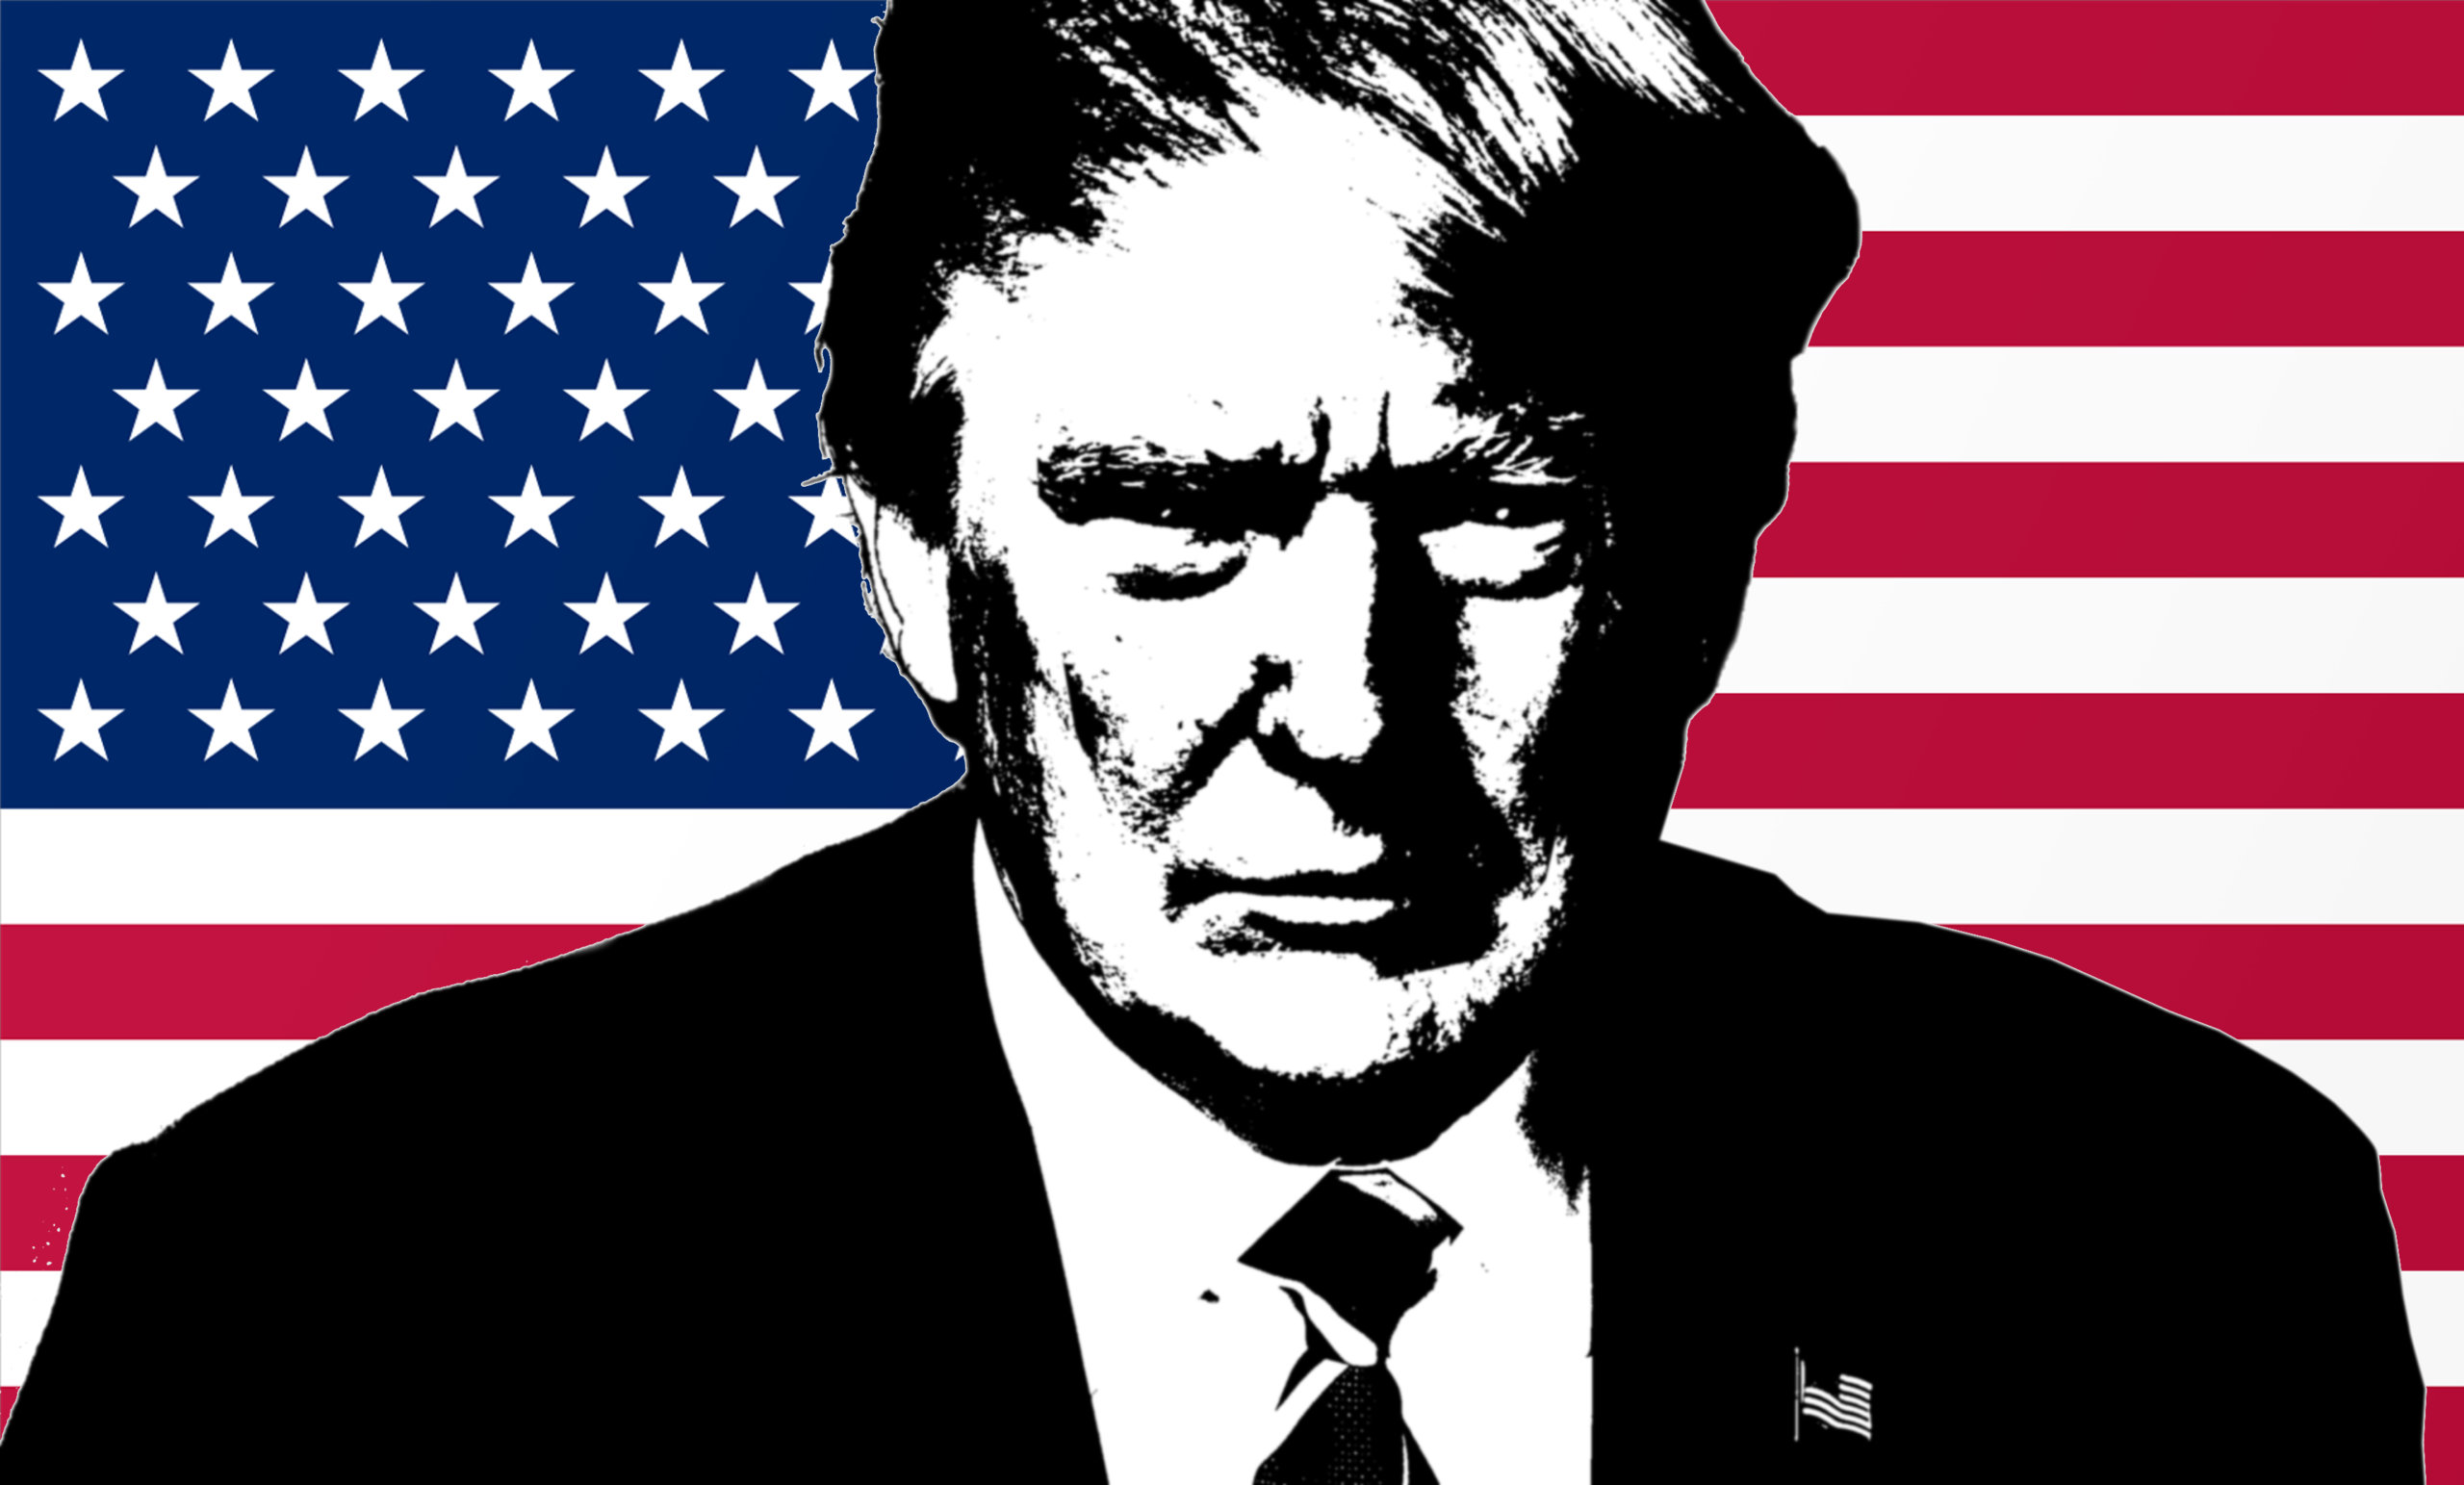 ついに大統領選挙の決着で「世界の命運」が決まる!首都圏が緊急事態宣言へ!?